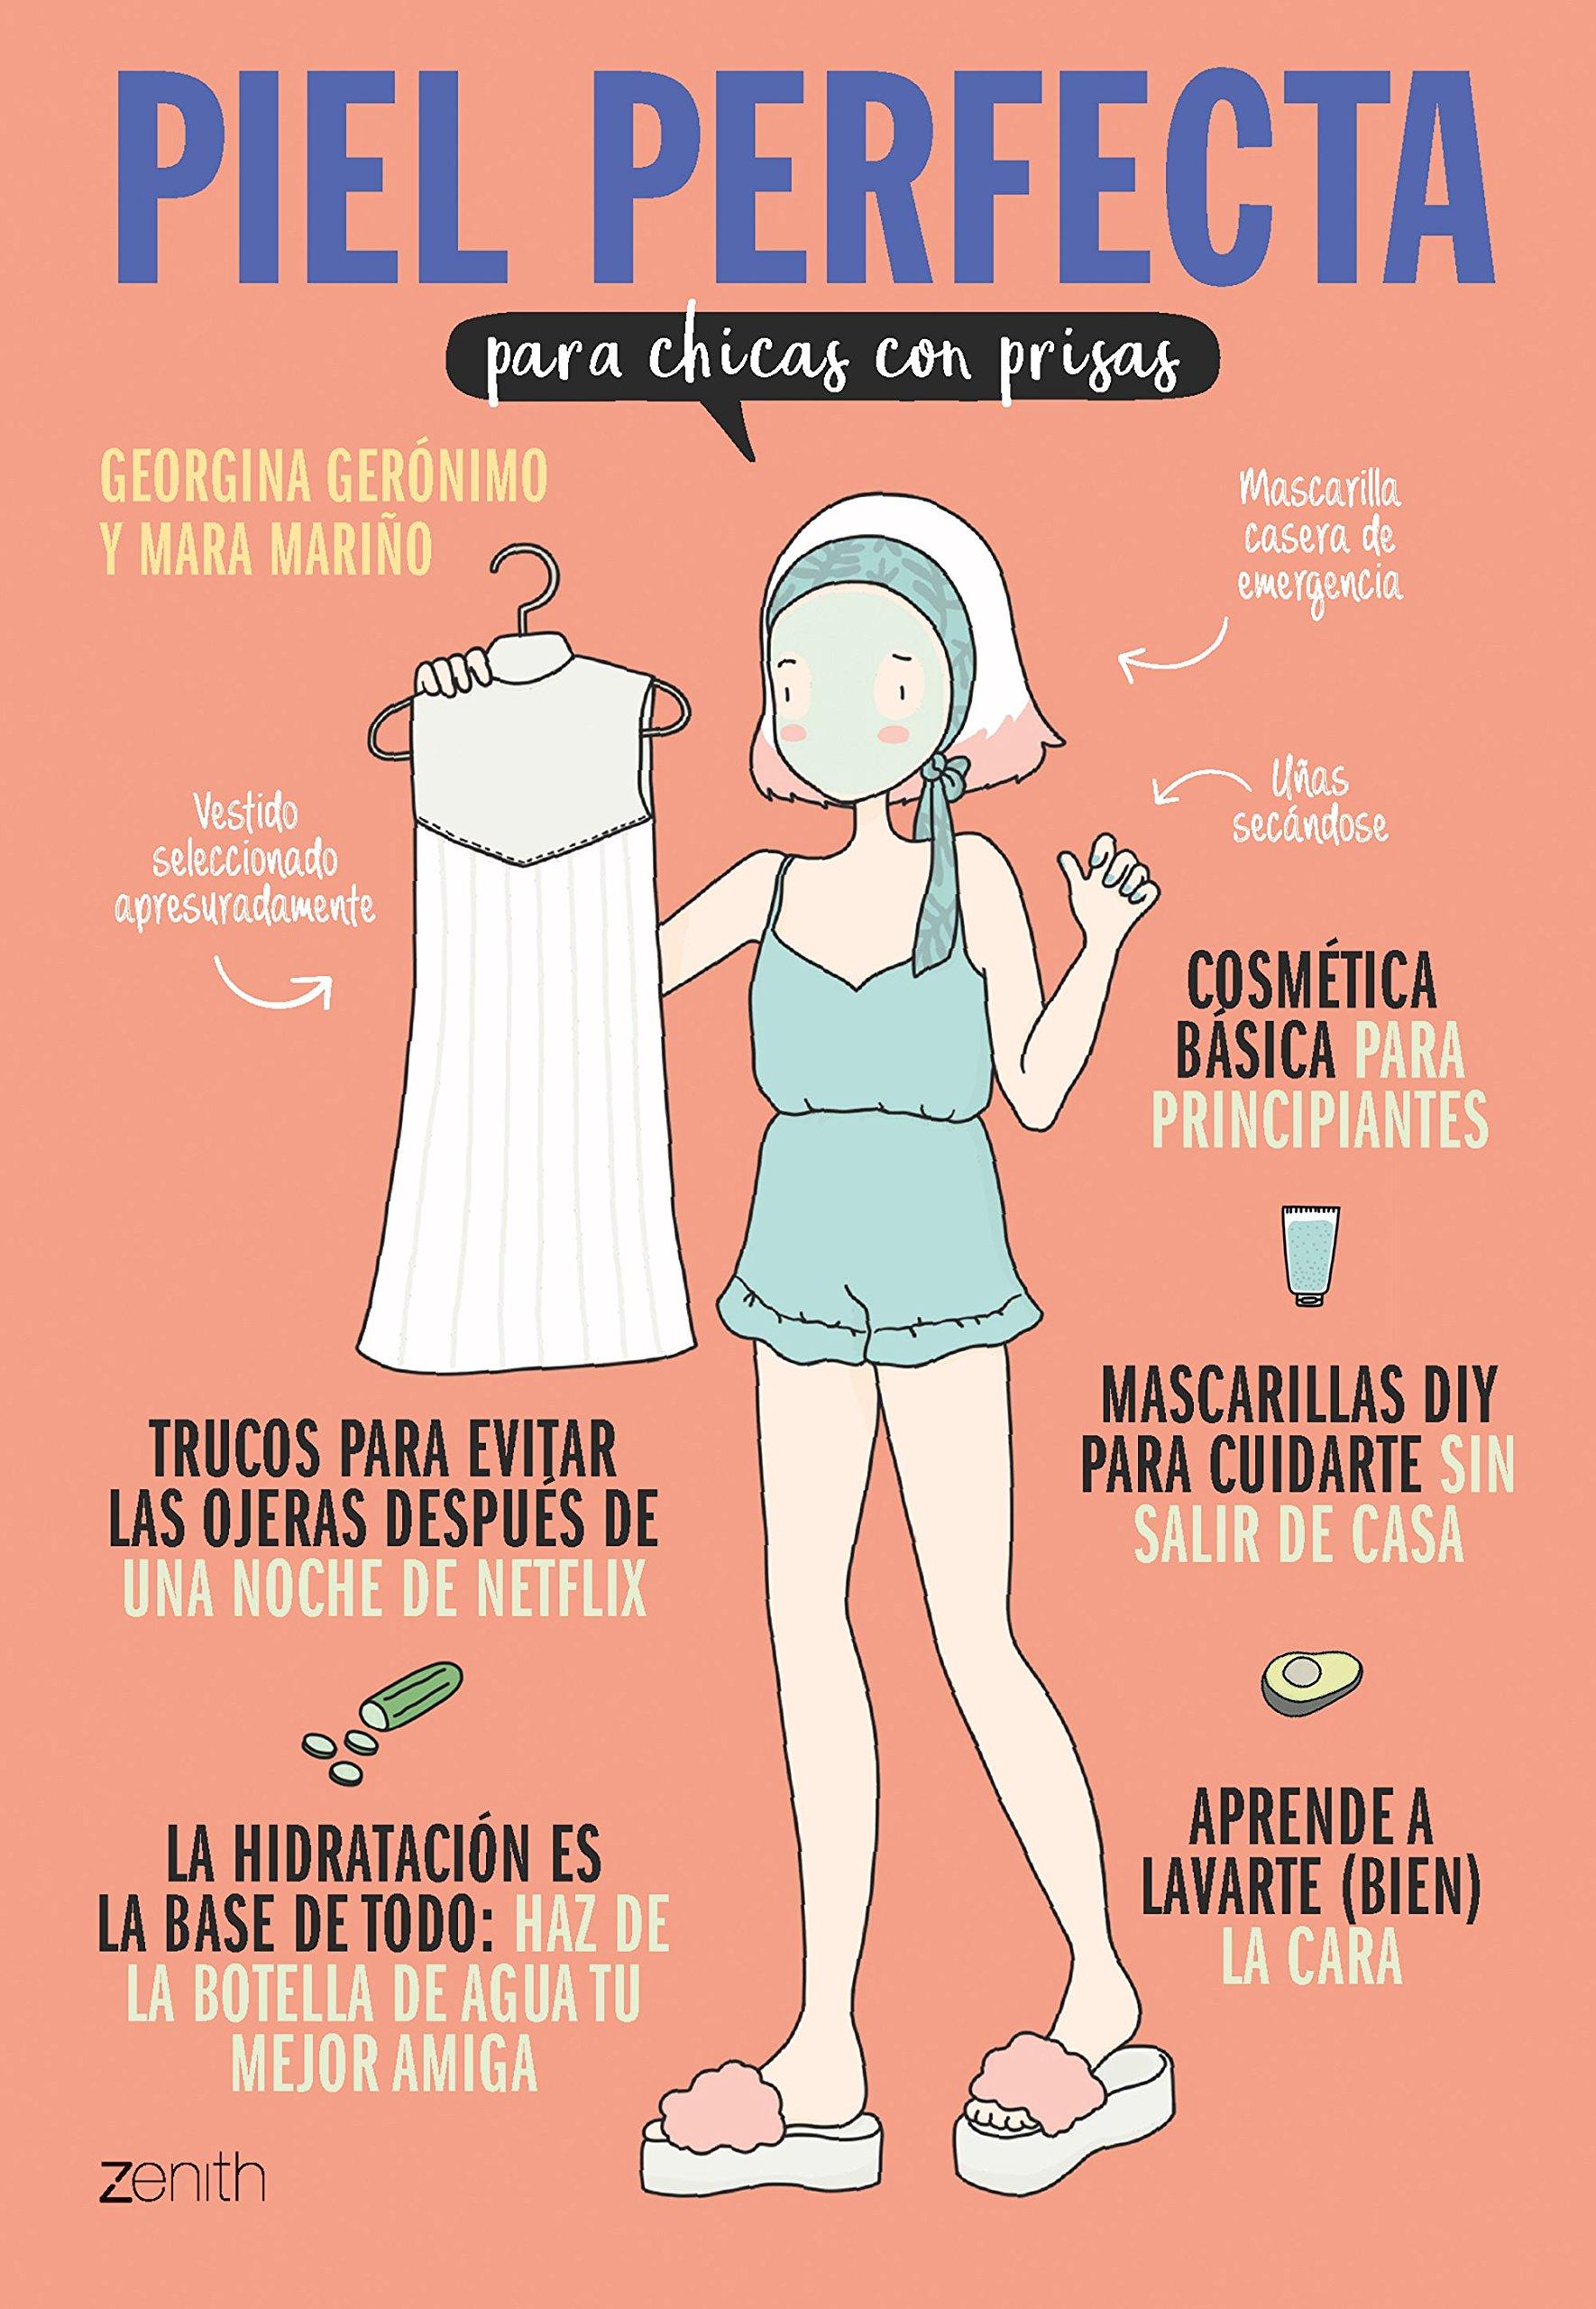 Piel perfecta para chicas con prisas: Amazon.es: Georgina Gerónimo, Mara Mariño: Libros